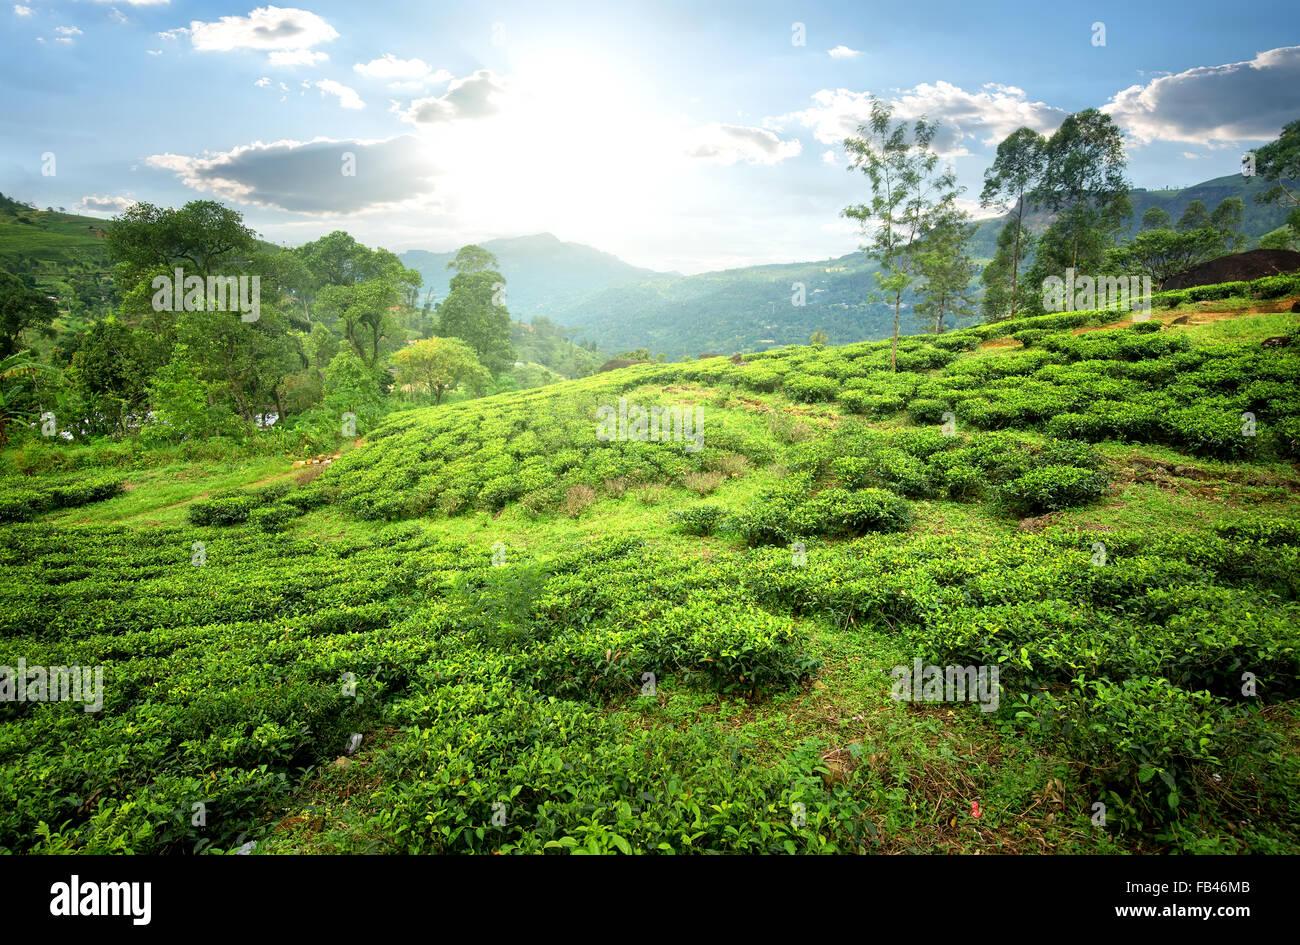 Tea fields of Nuwara Eliya in mountains - Stock Image